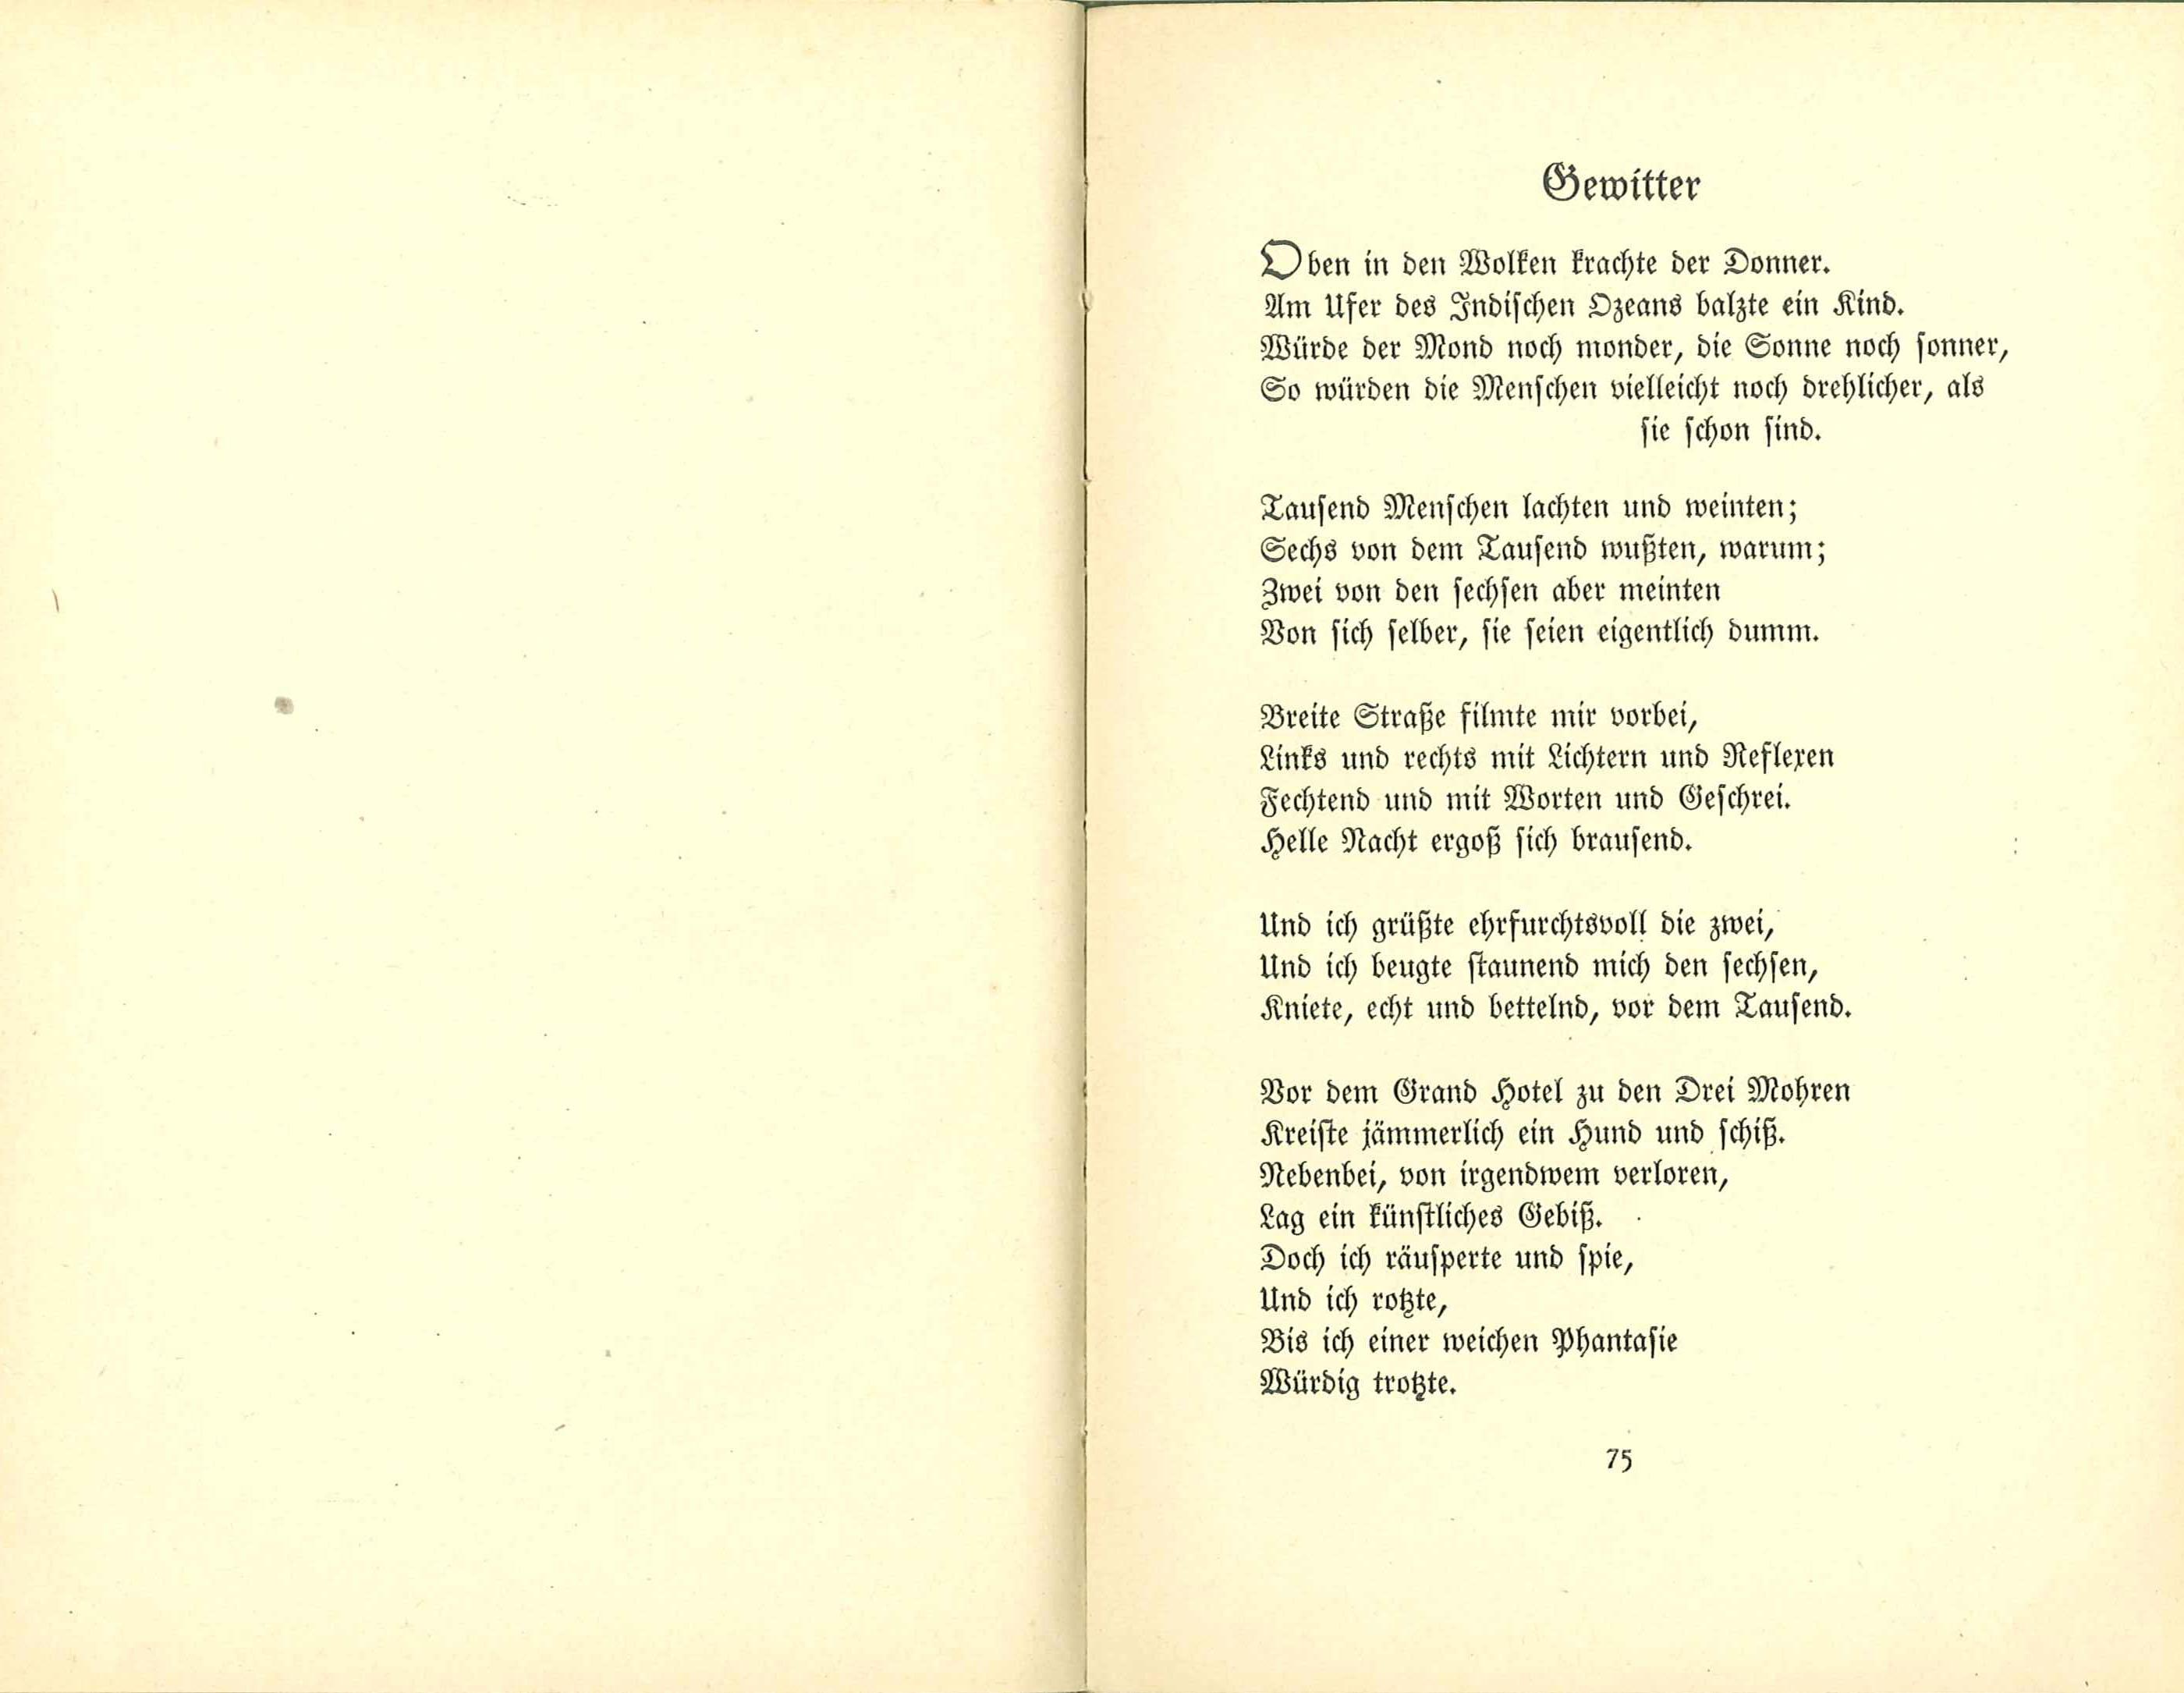 Ringelnatz gedicht mond